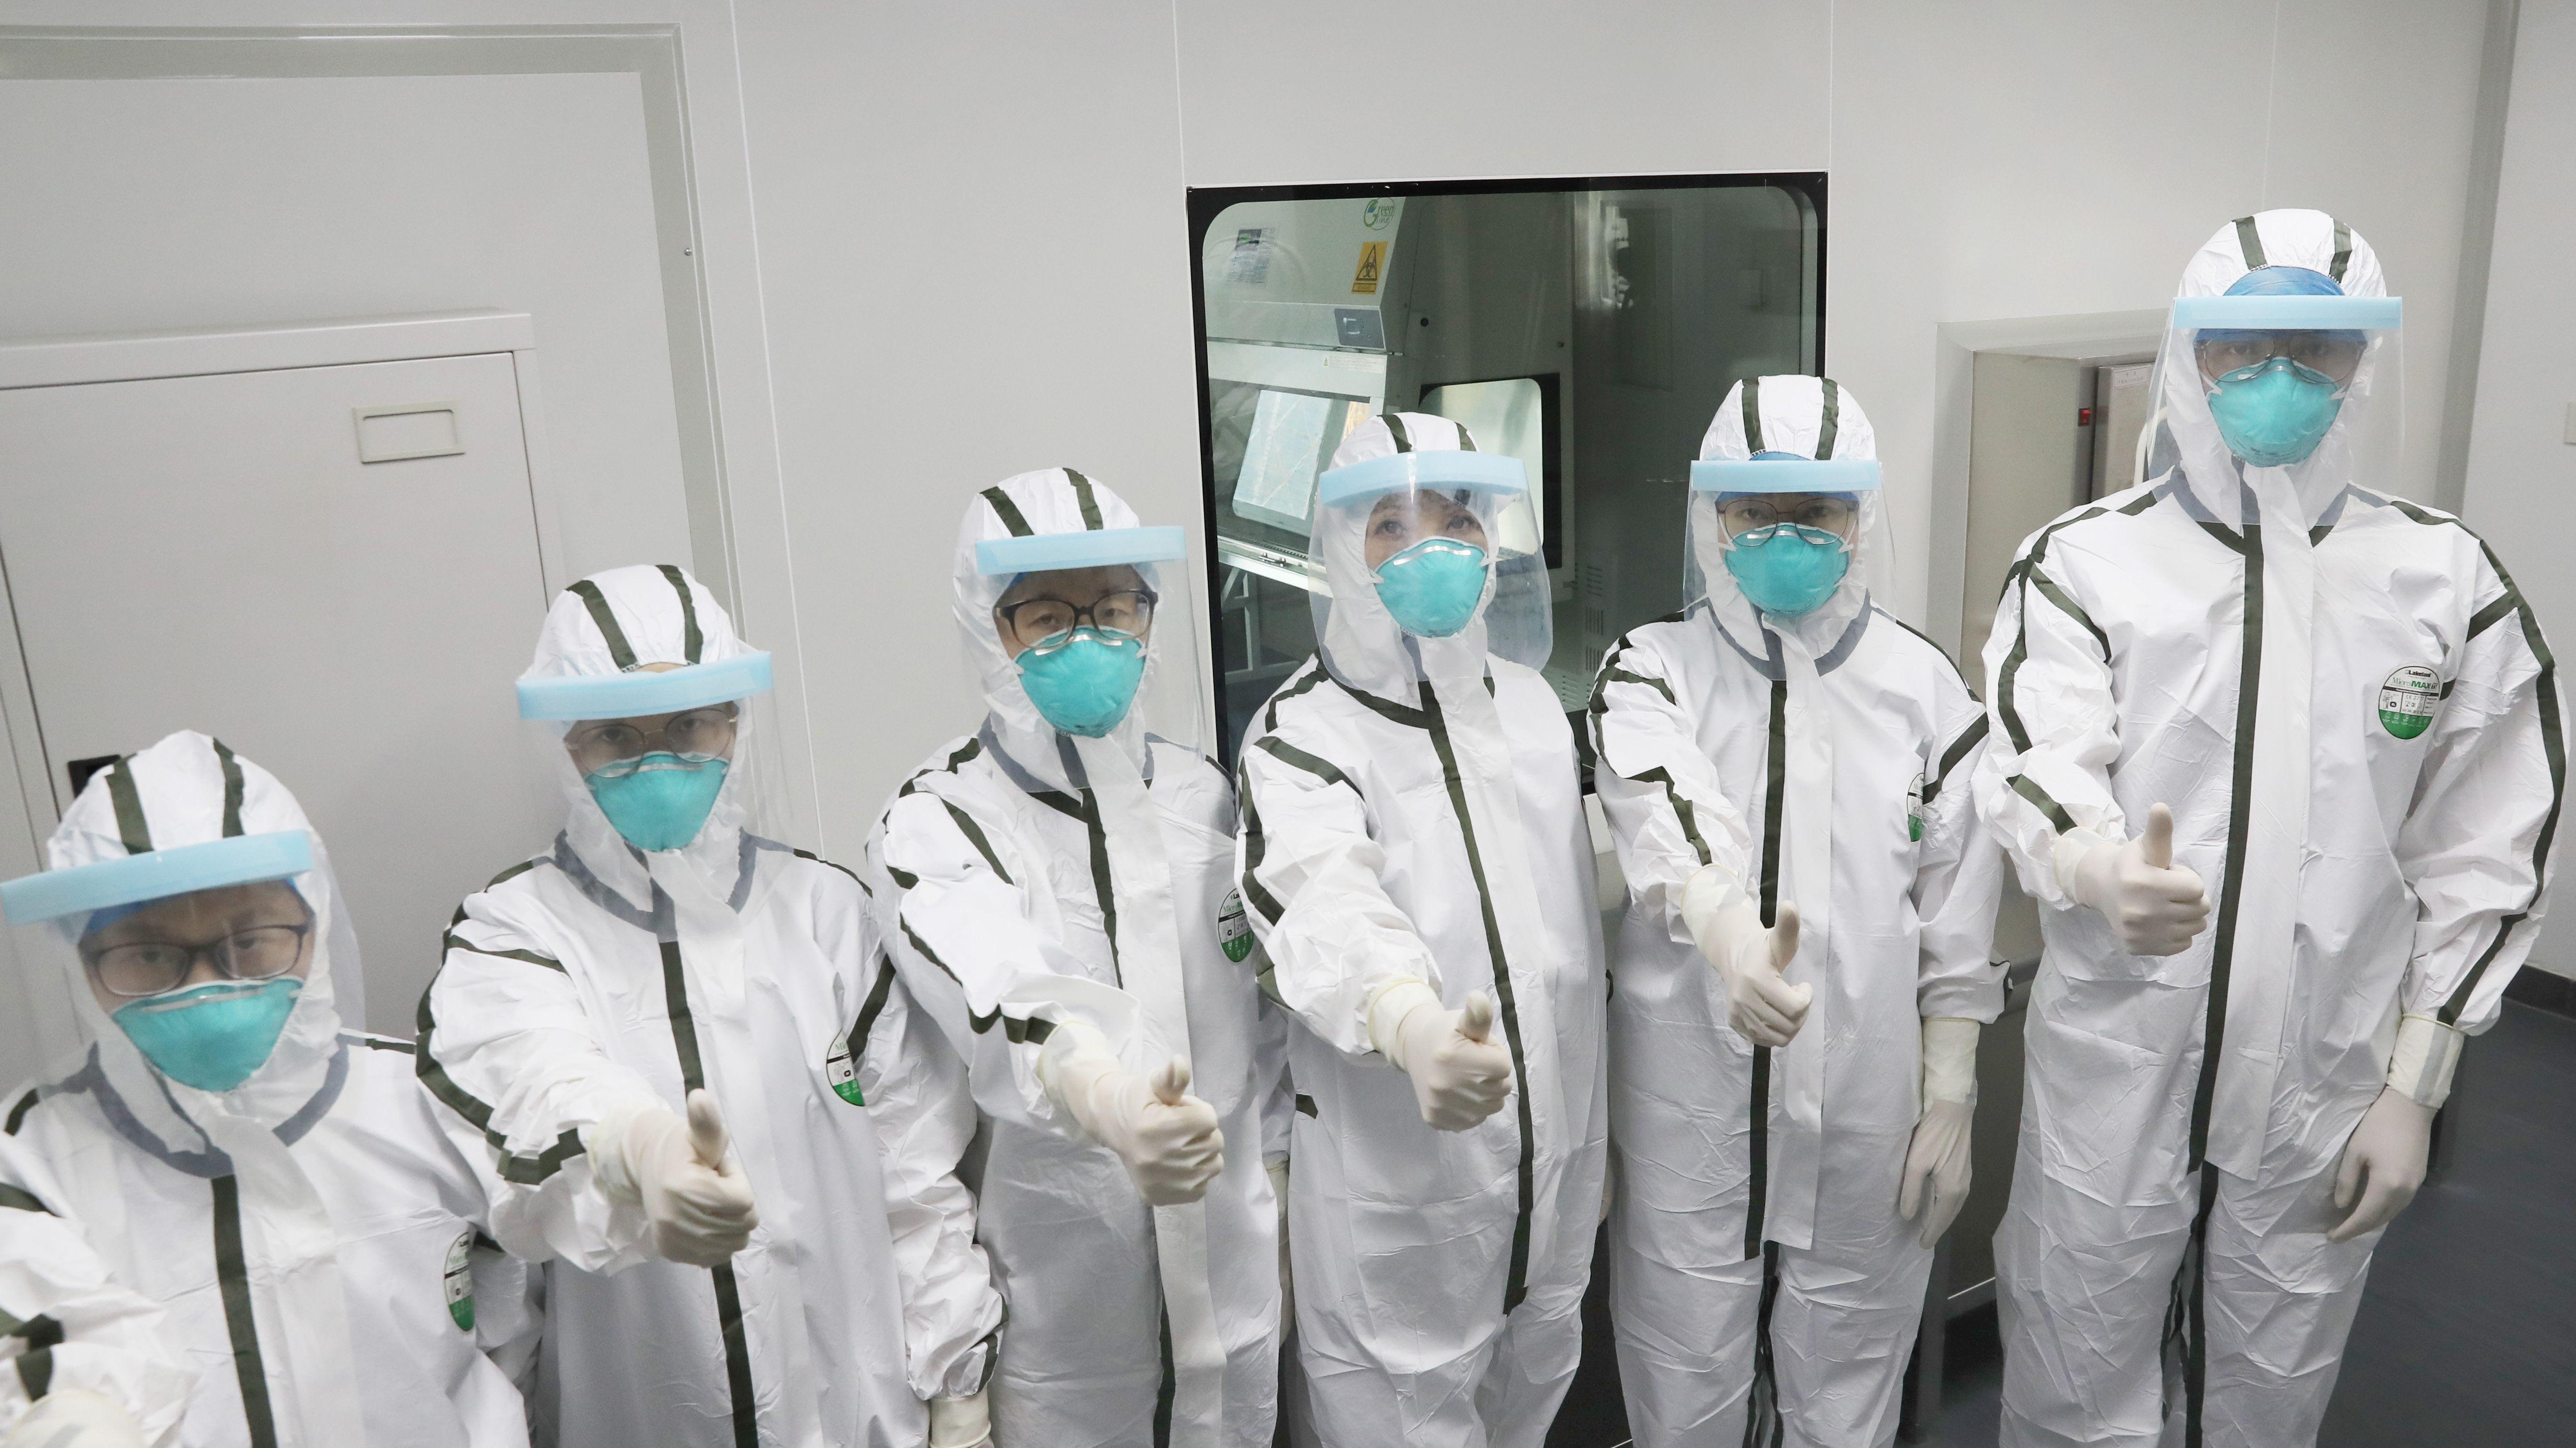 Ein chinesisches Untersuchungsteam des Zentrums für Seuchenkontrolle- und bekämpfung